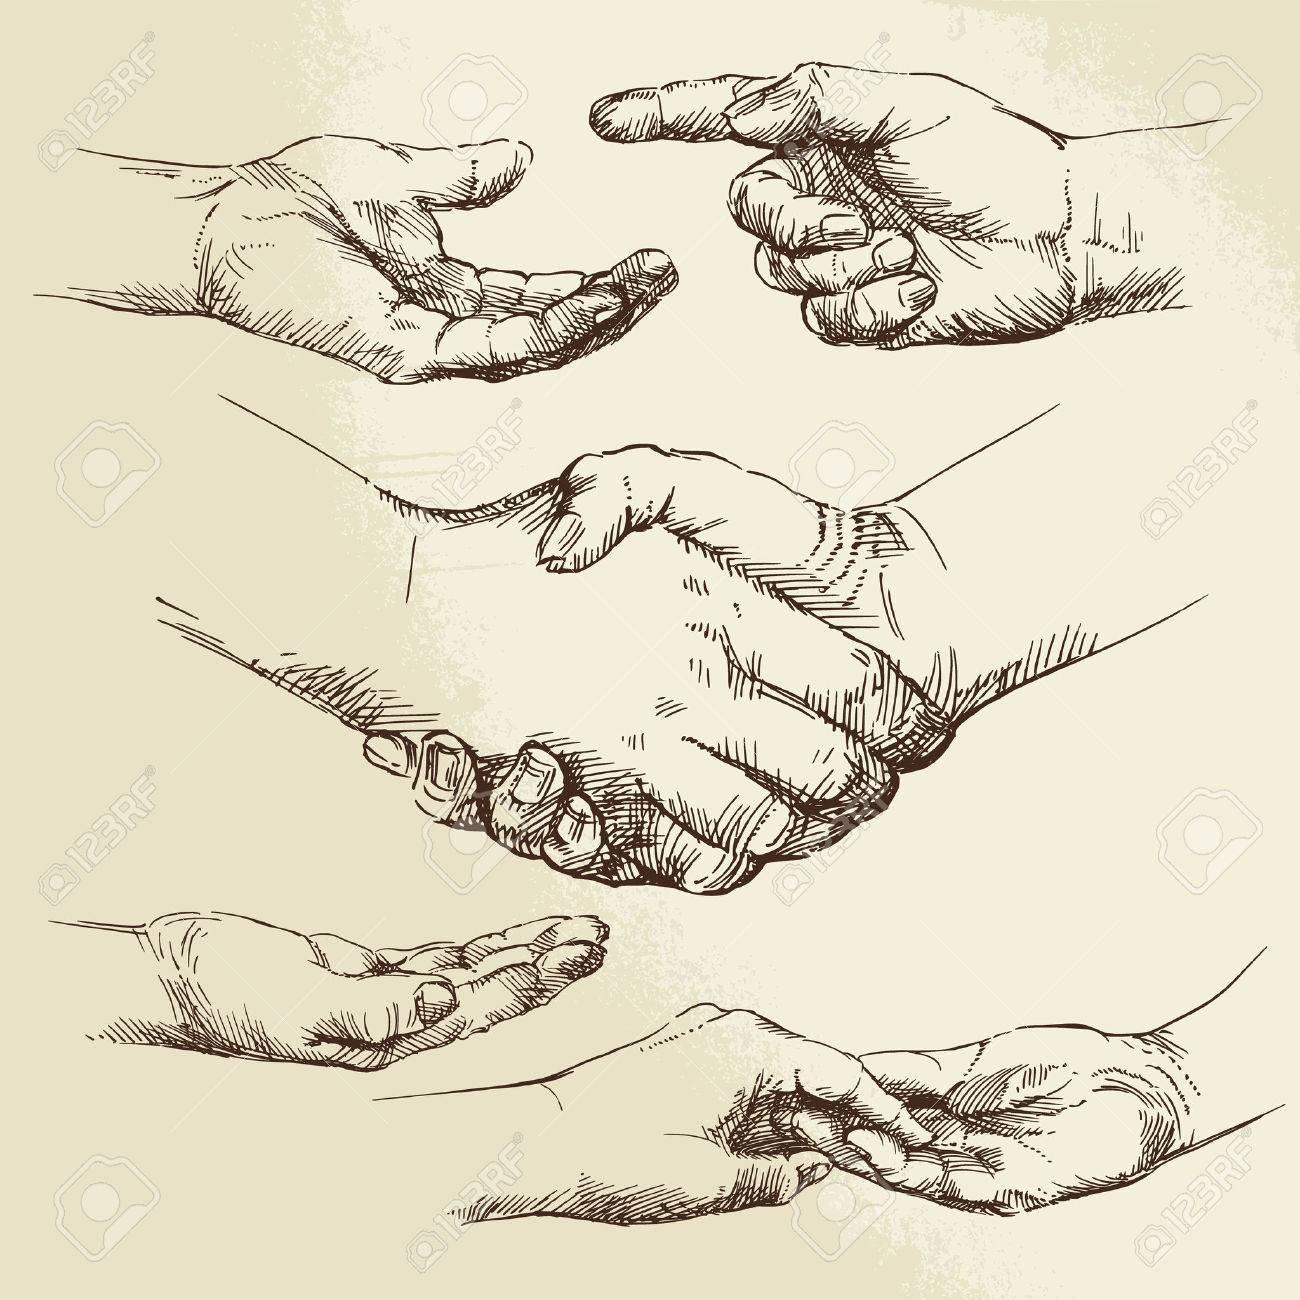 handshake - hand drawn collection Standard-Bild - 36853184